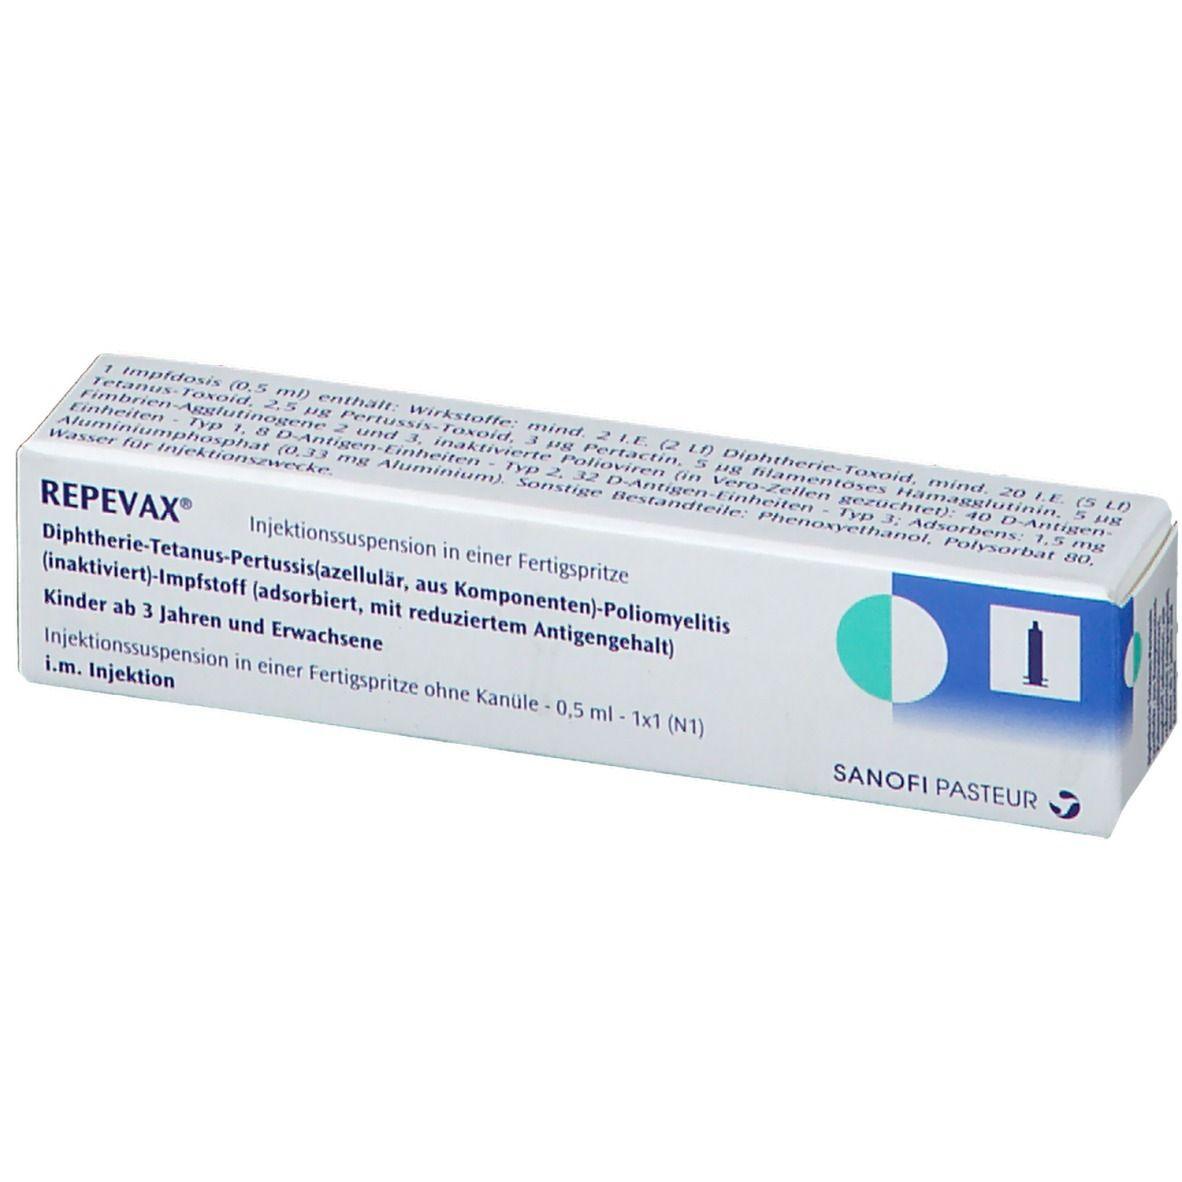 Repevax Injektionssuspension In Einer Fertigspritze 1 St Shop Apotheke Com